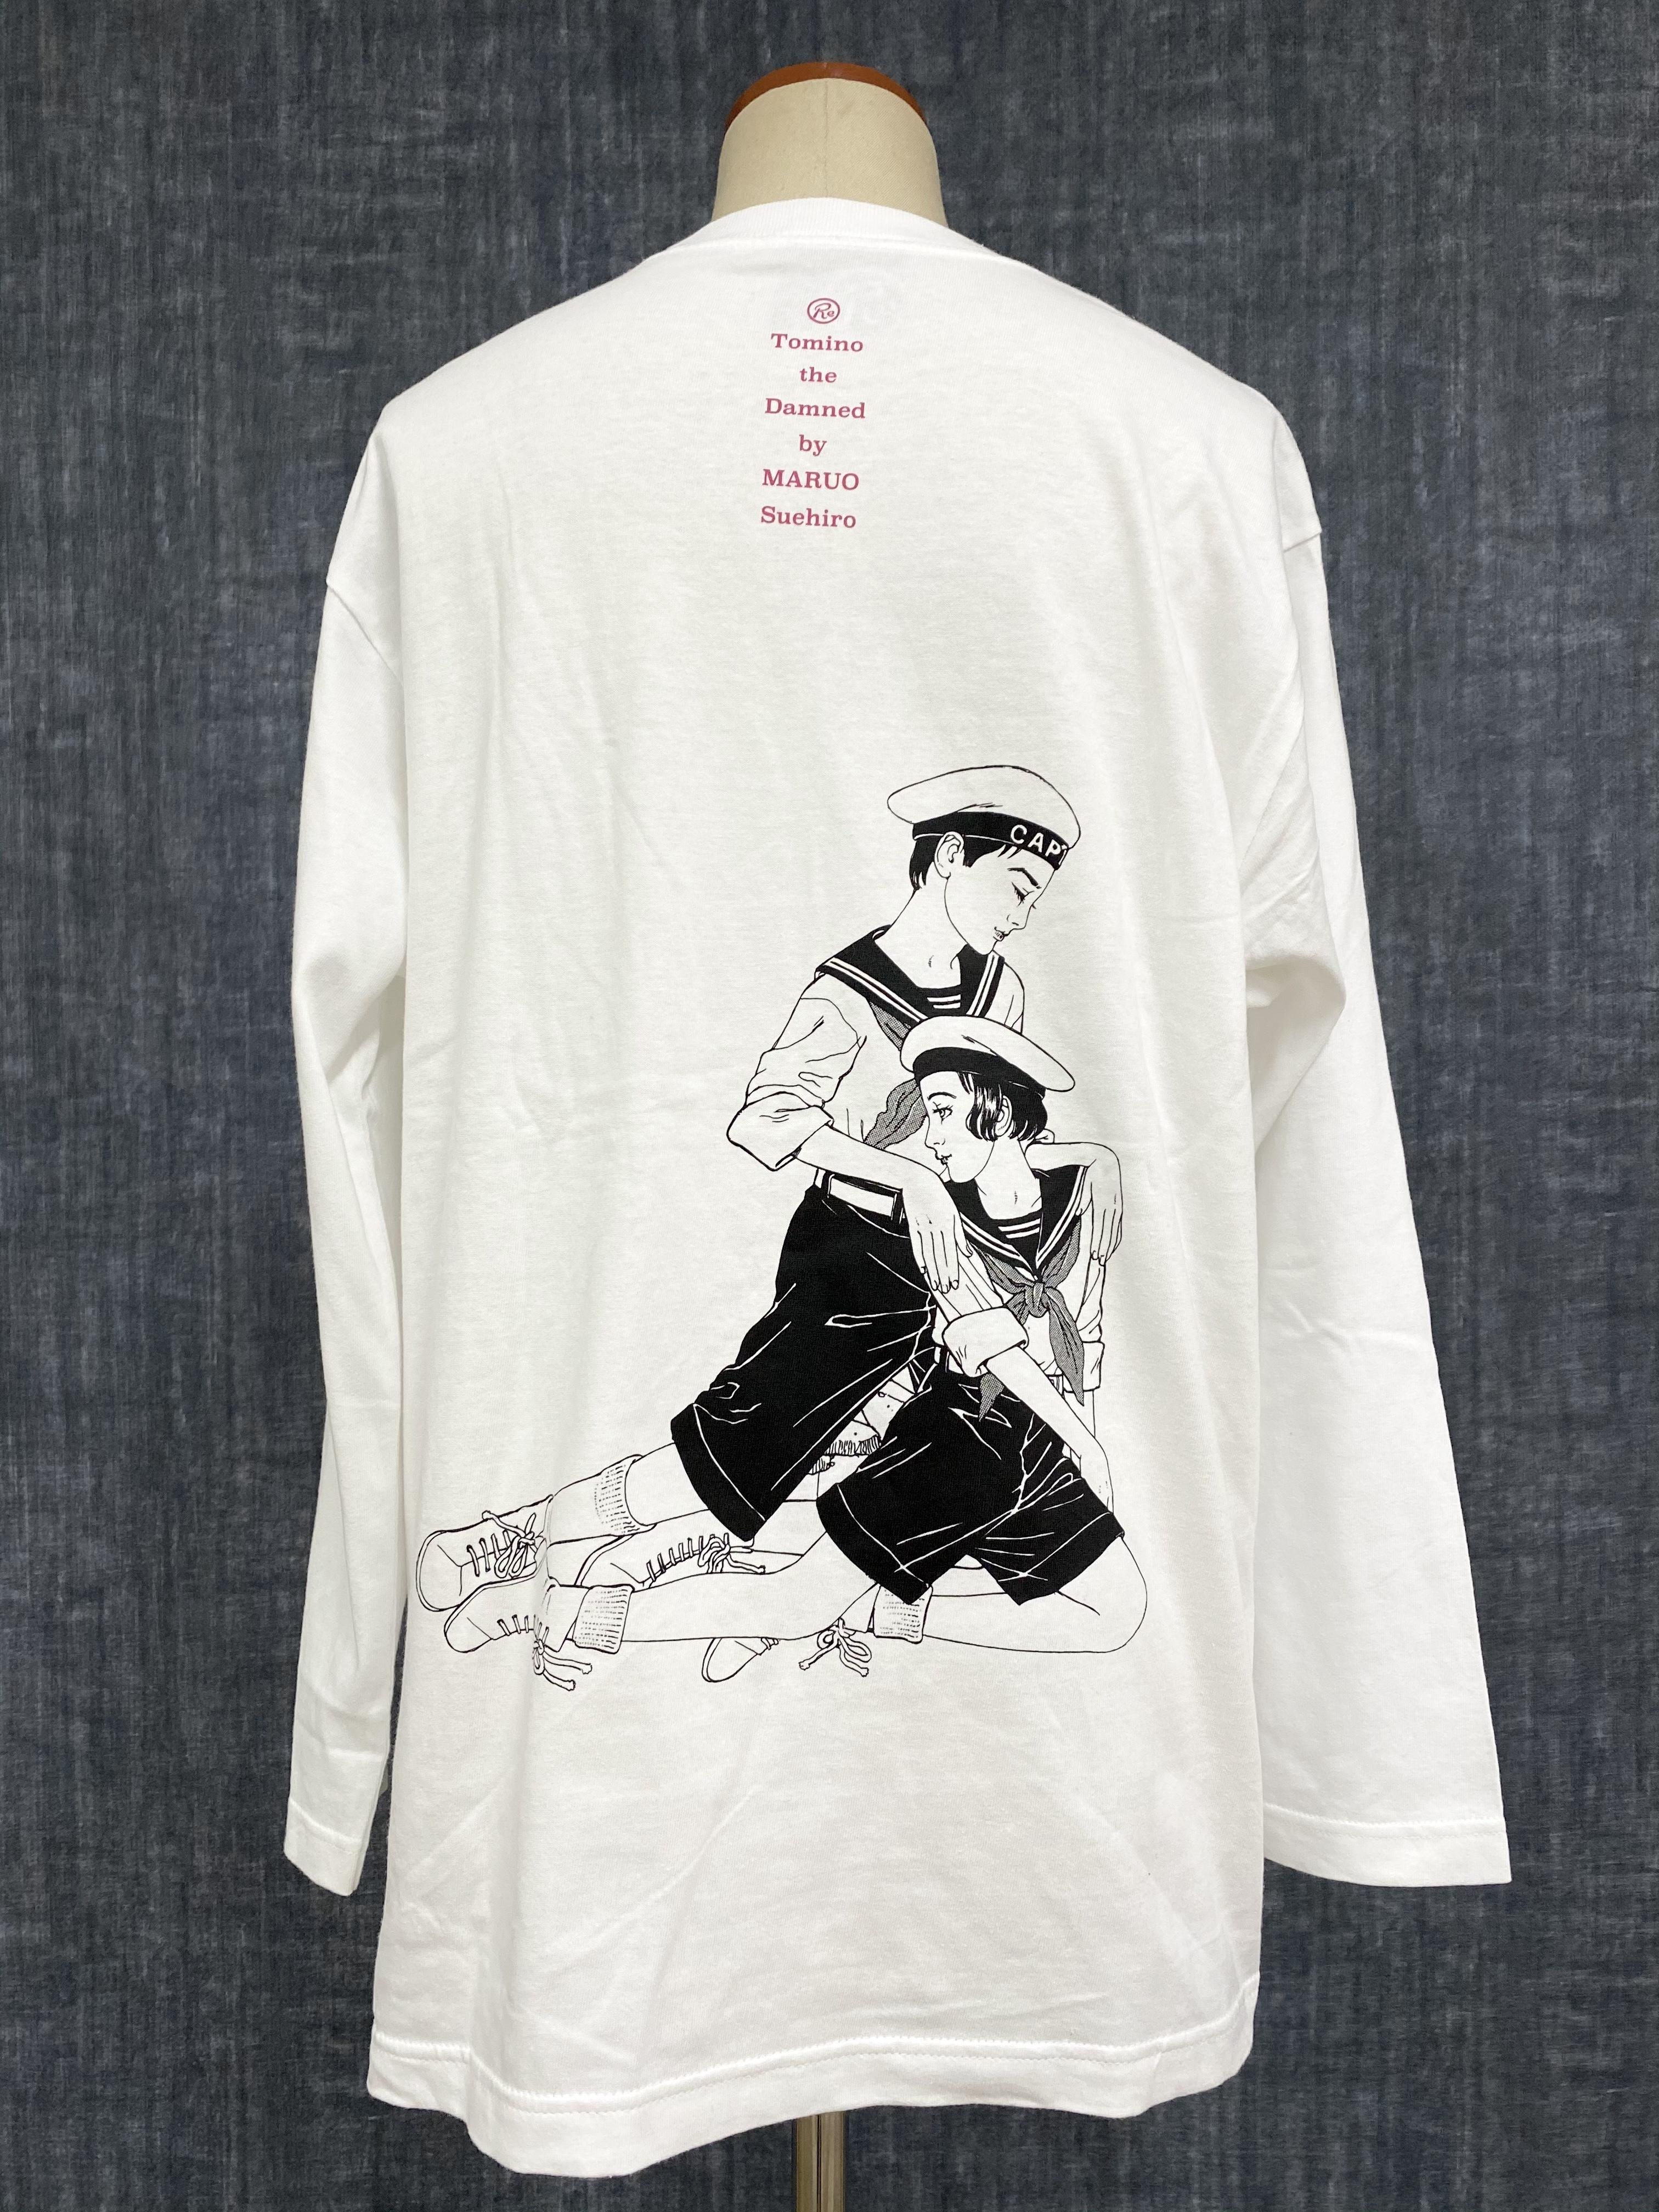 【丸尾末広】トミノの地獄(トミノ)ロングスリーブTシャツ